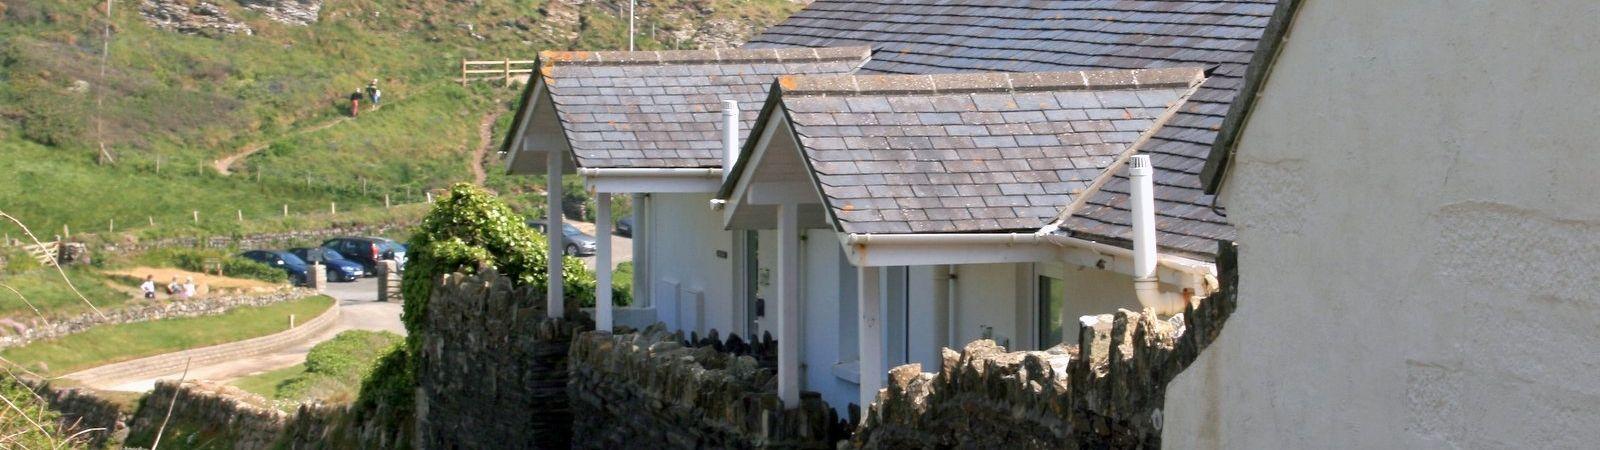 Westward, Porthleven Holiday Cottages